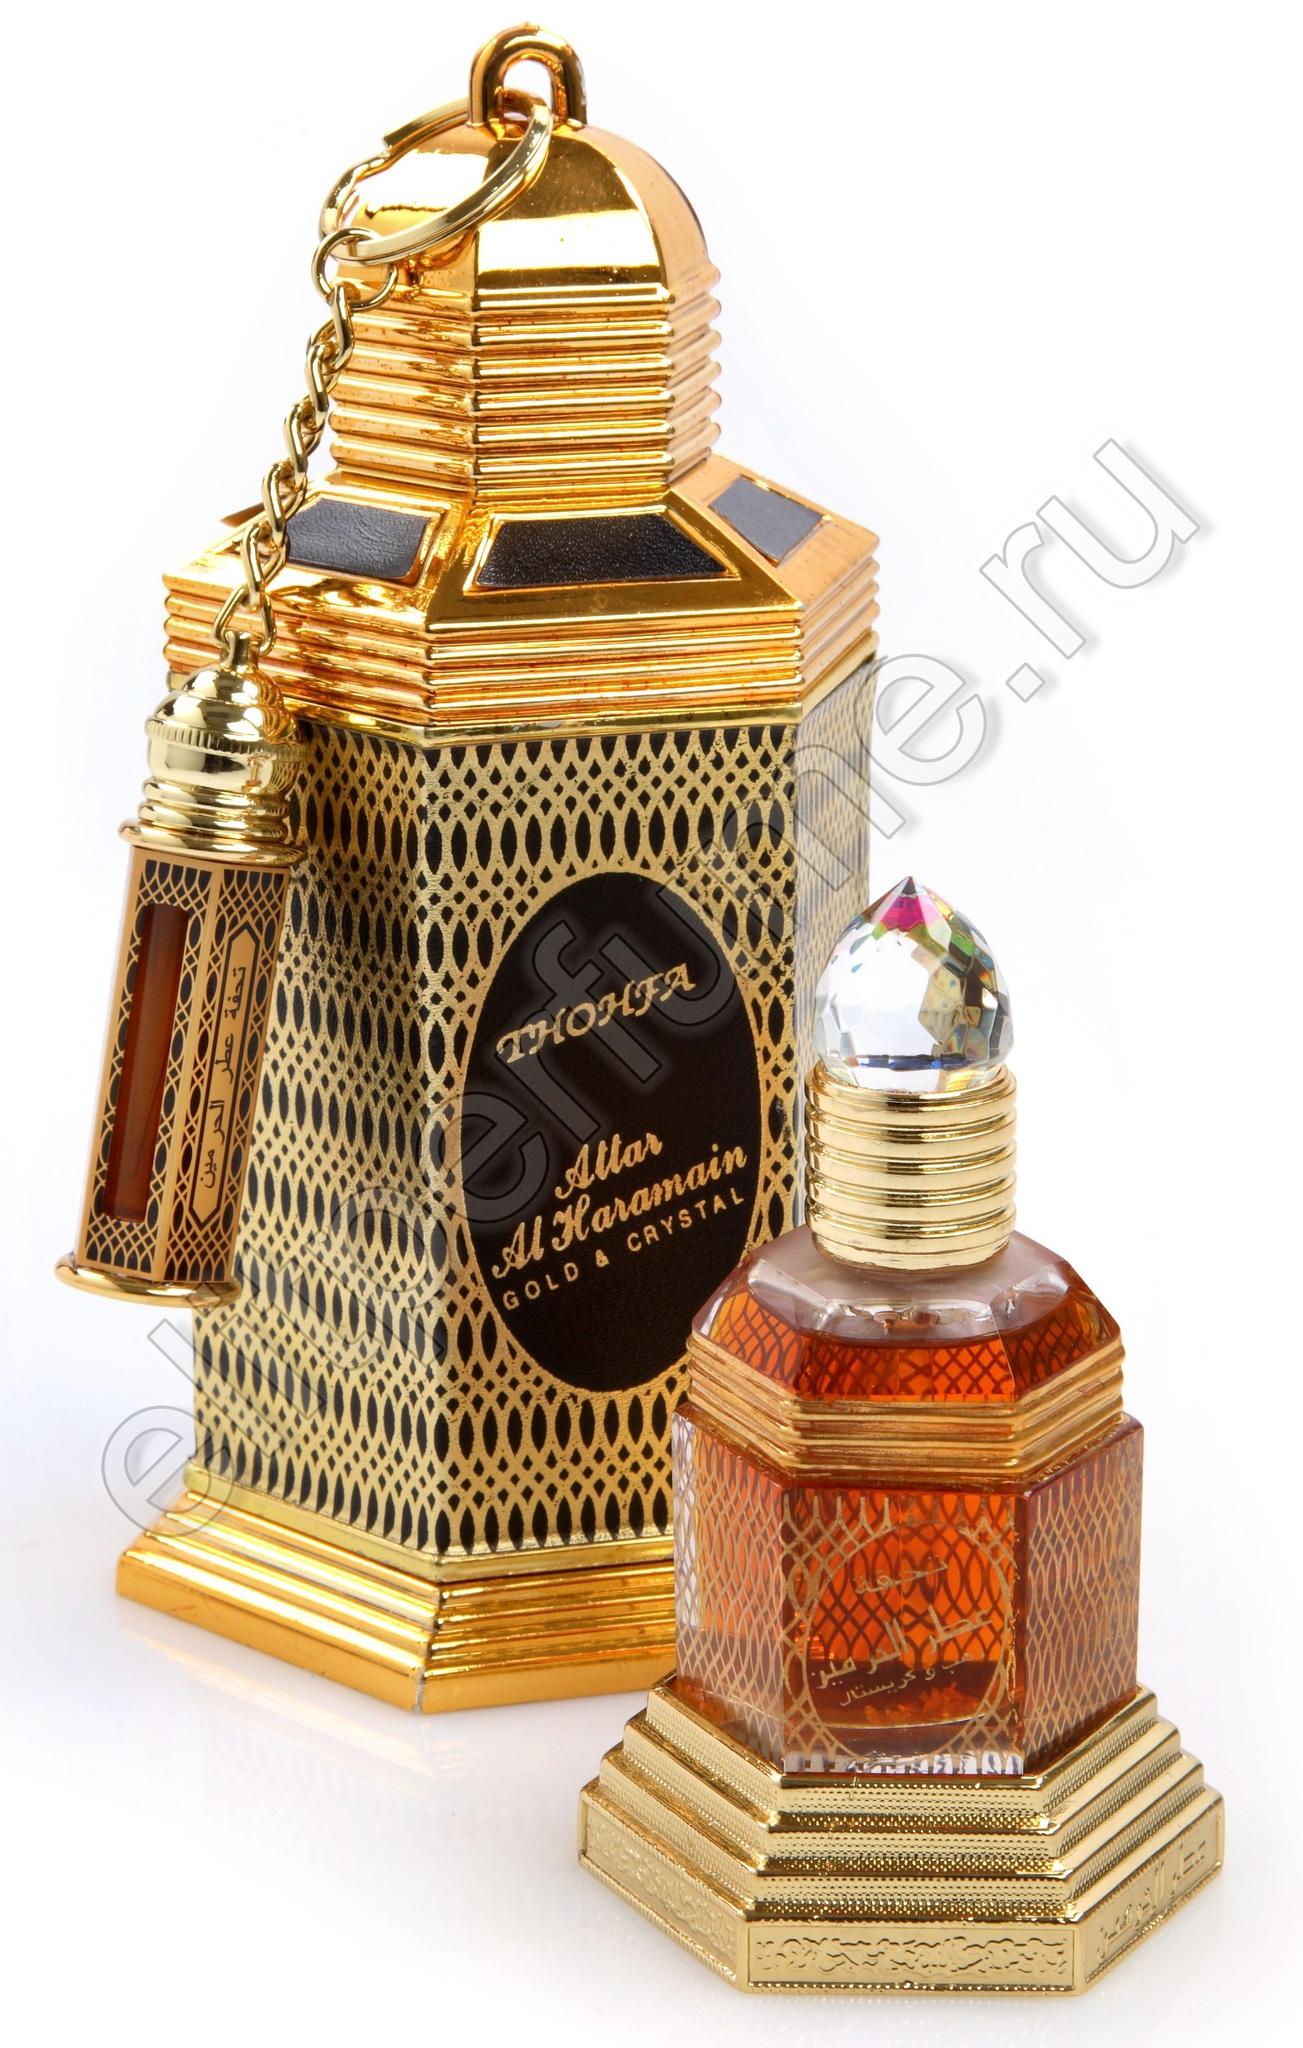 Тофа Аттар Аль-Харамайн Thohfa Attar Al Haramain 30 мл арабские масляные духи от Аль Харамайн Al Haramain Perfumes